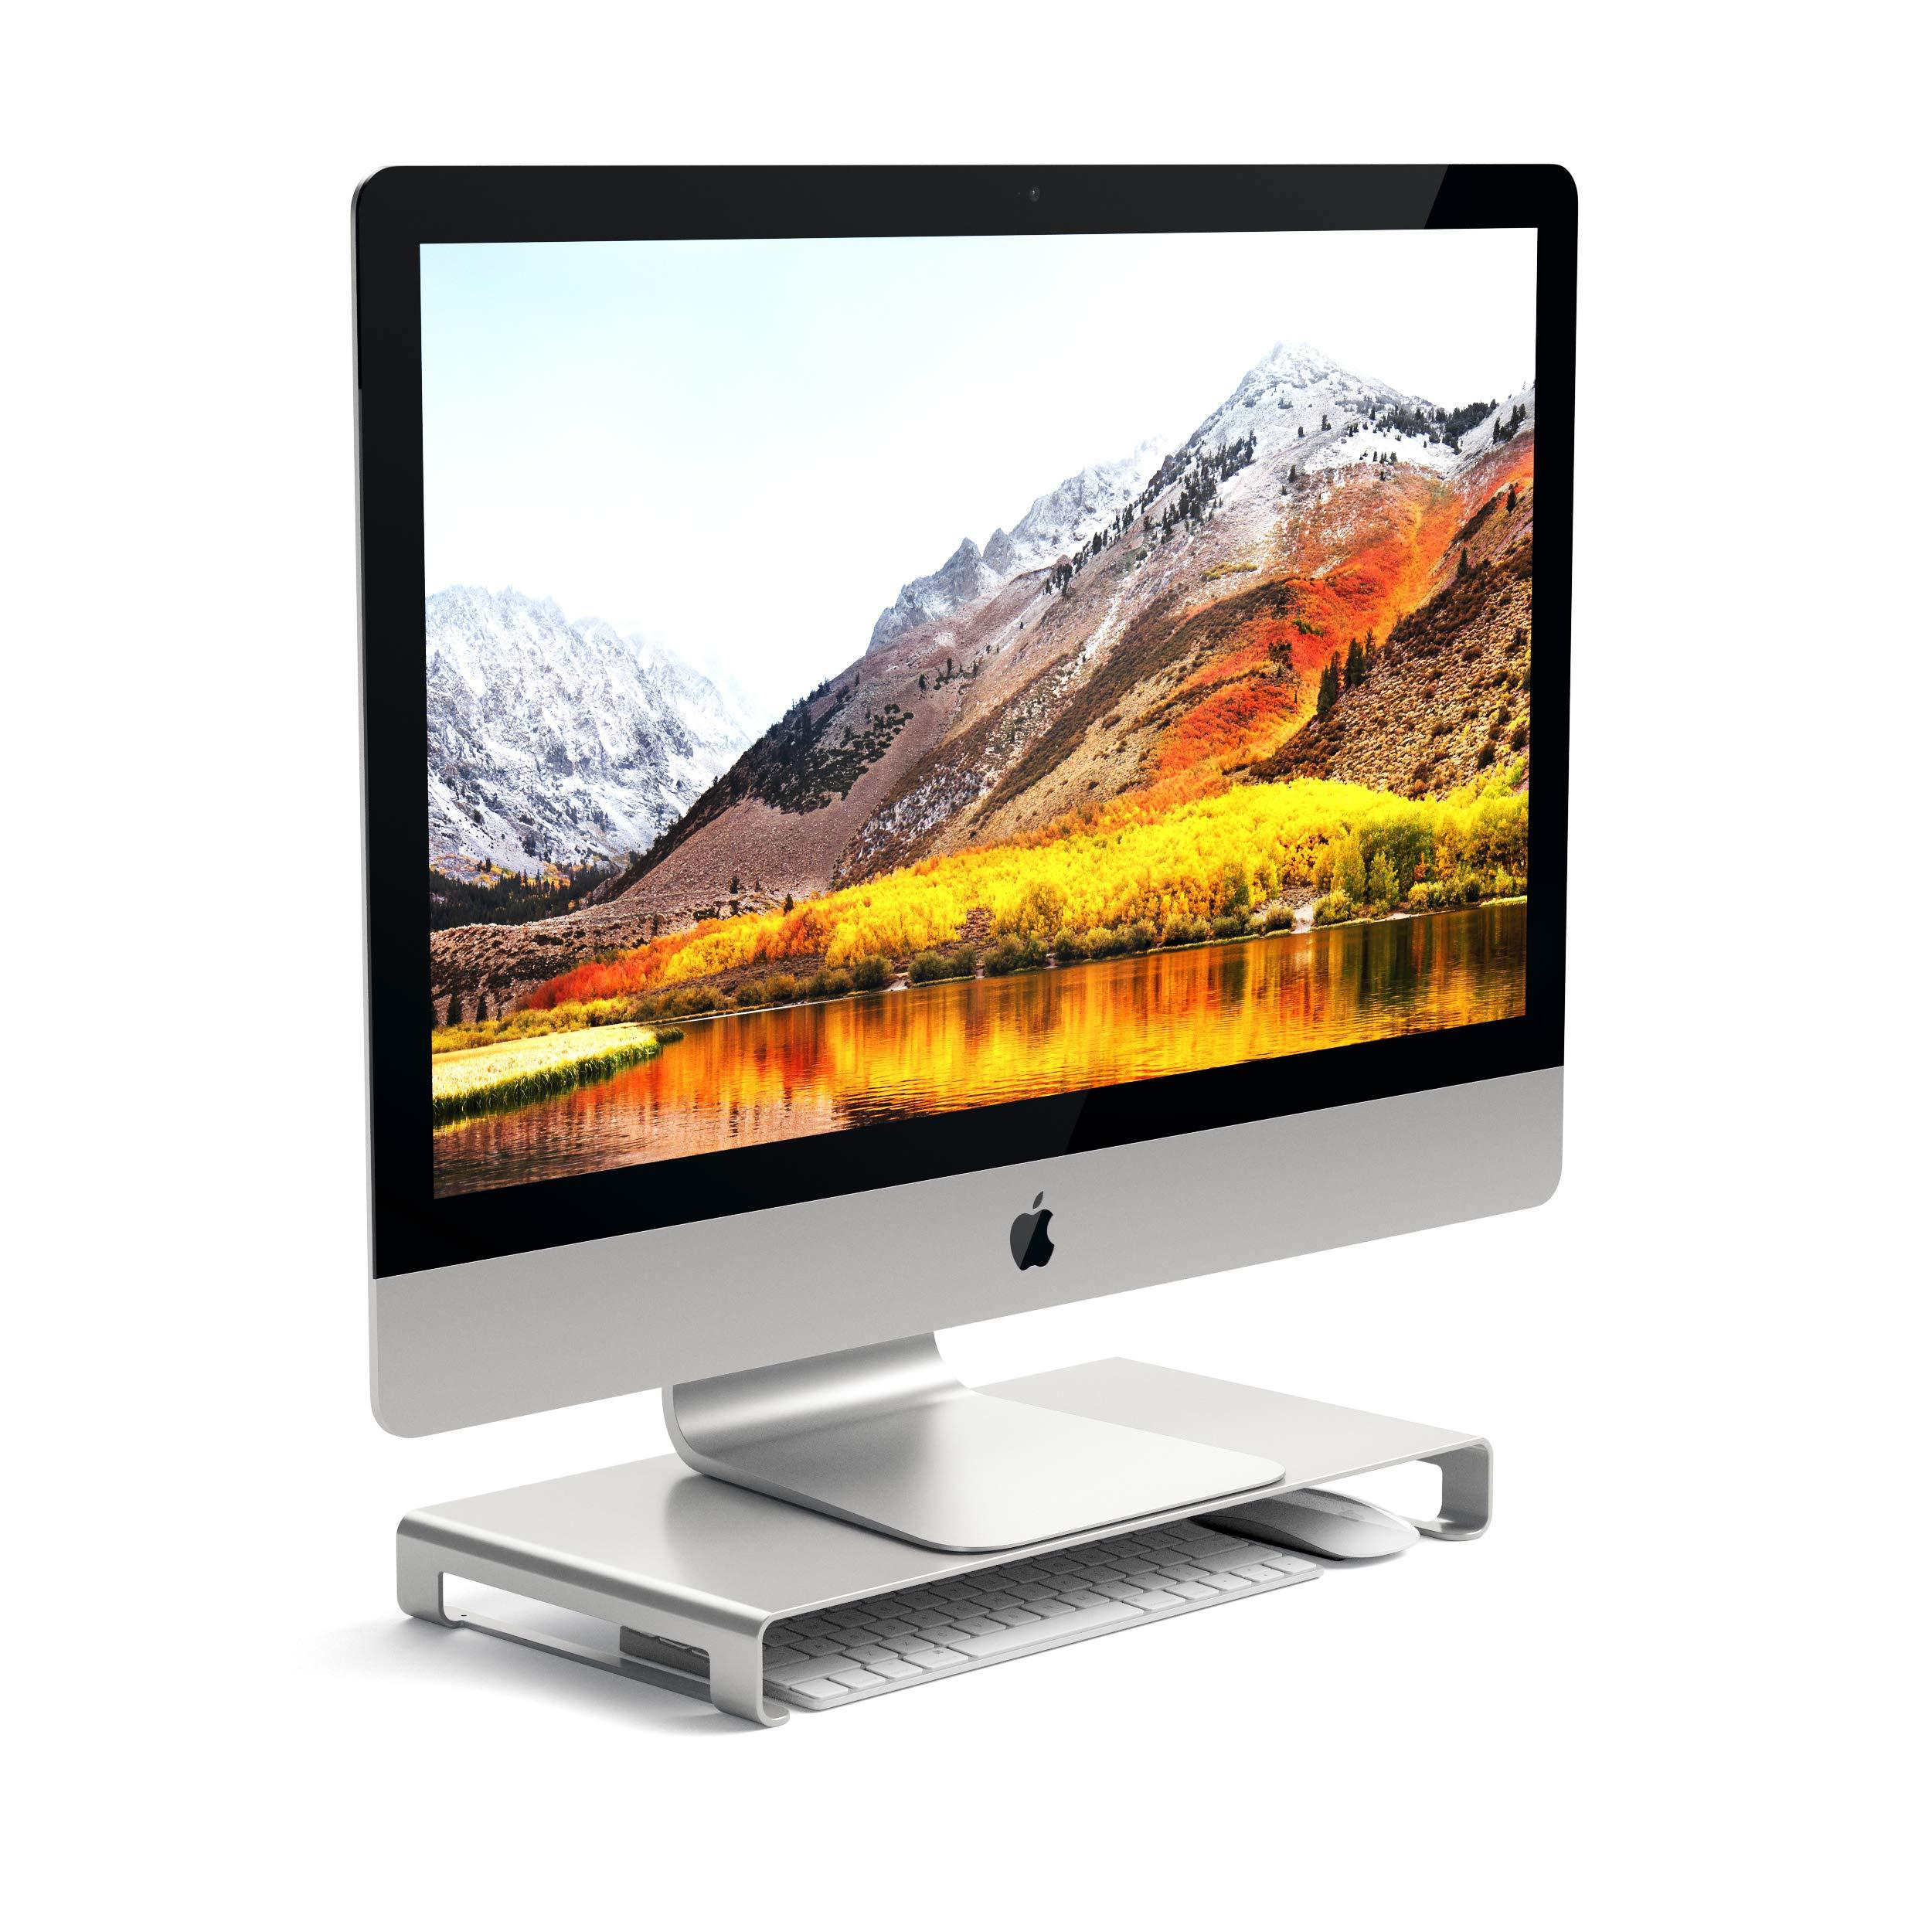 Satechi Soporte Universal de Aluminio para Monitor Compatible con 2017 MacBook Pro, iMac Pro, Google Chromebook, Microsoft Surface, DELL, ASUS y más (Plata): Amazon.es: Electrónica